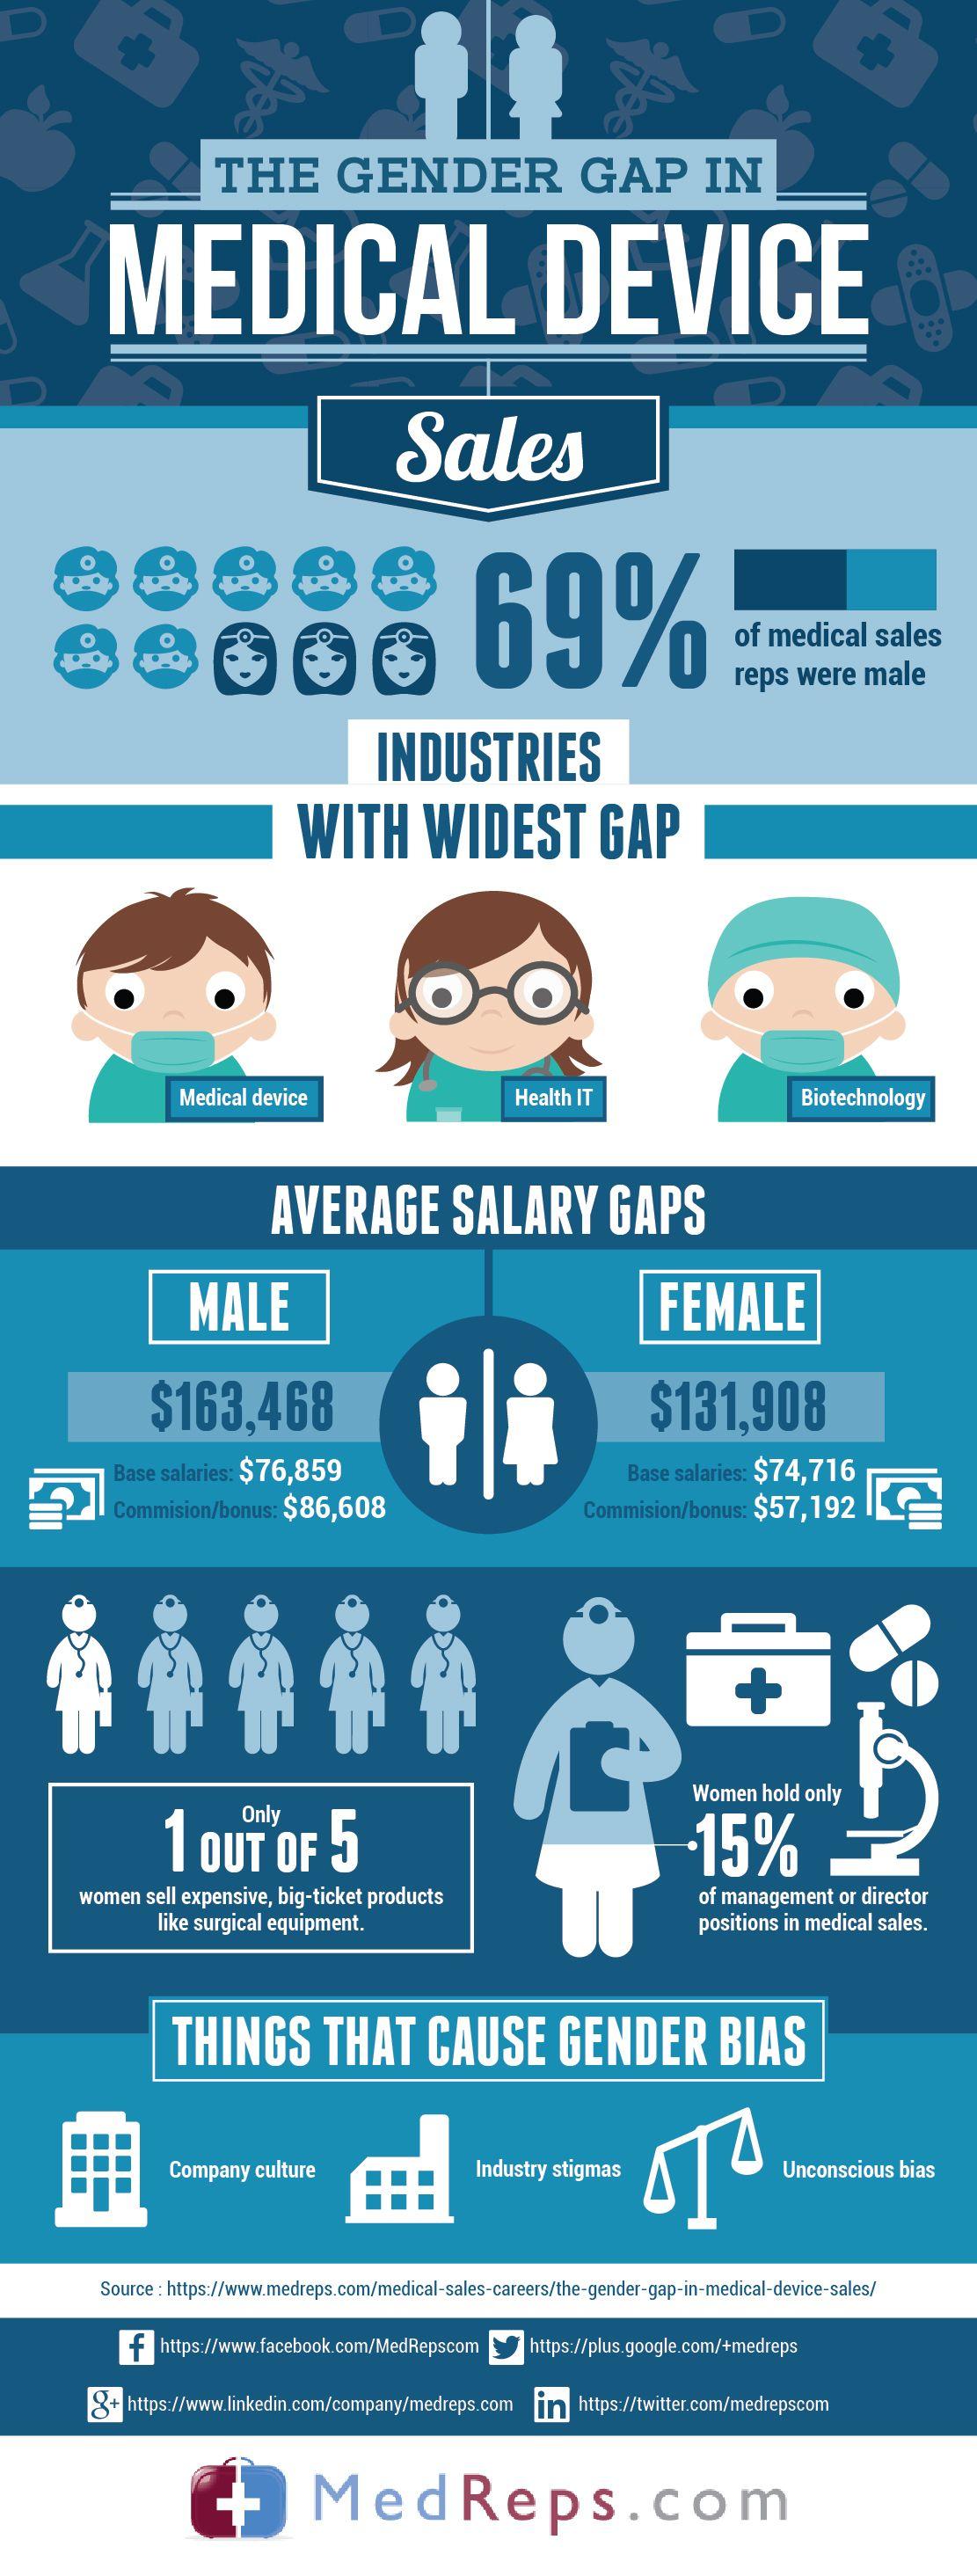 the gender gap in medical device sales  medicaldevice  sales  medreps